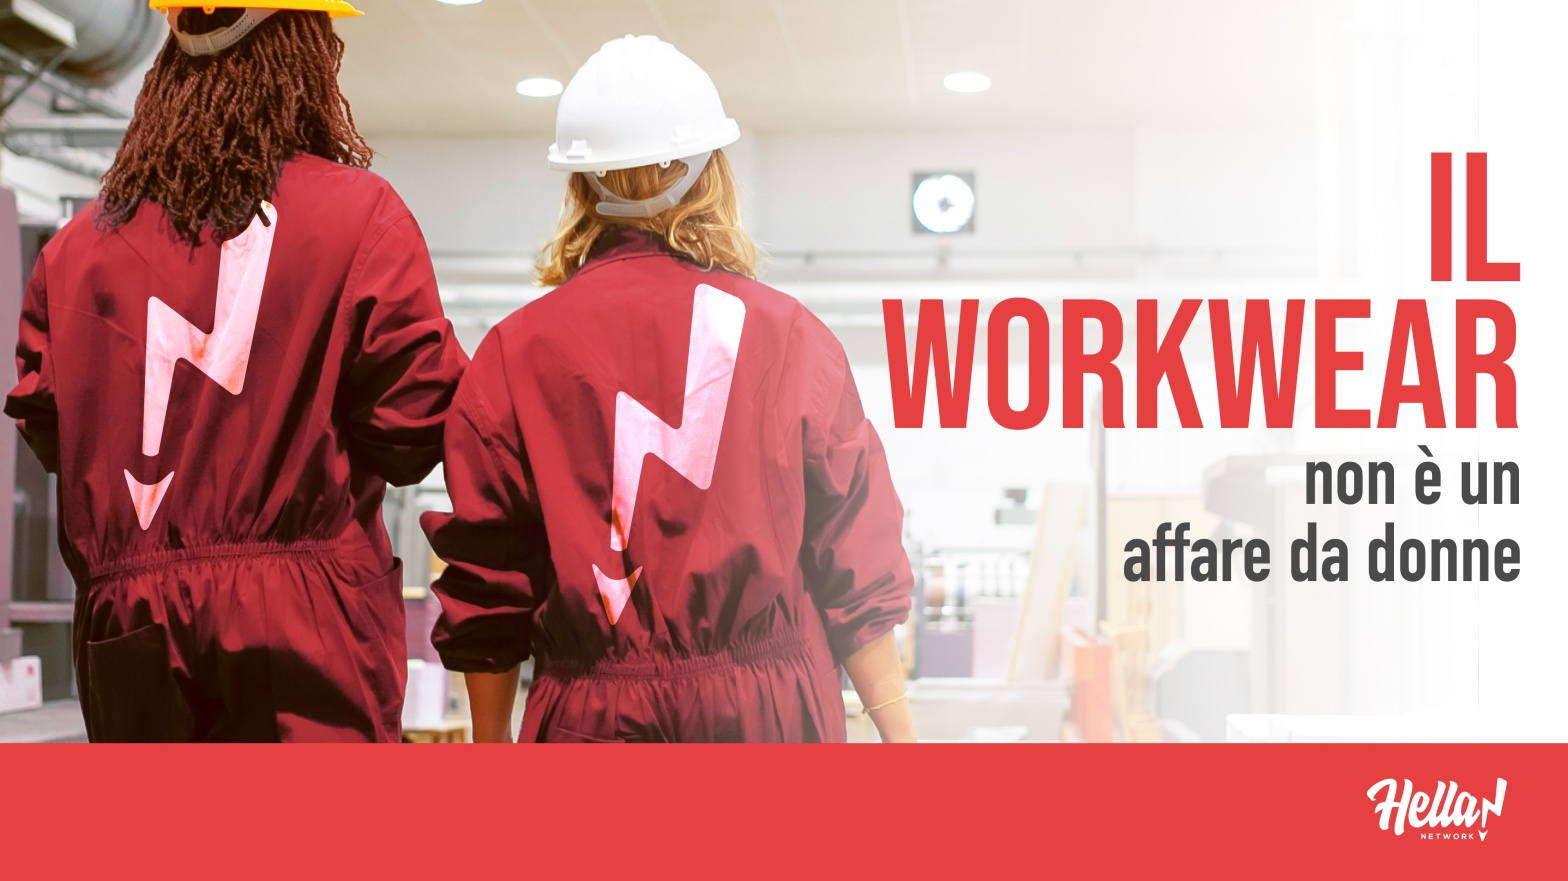 il workwear non è un affare da donne